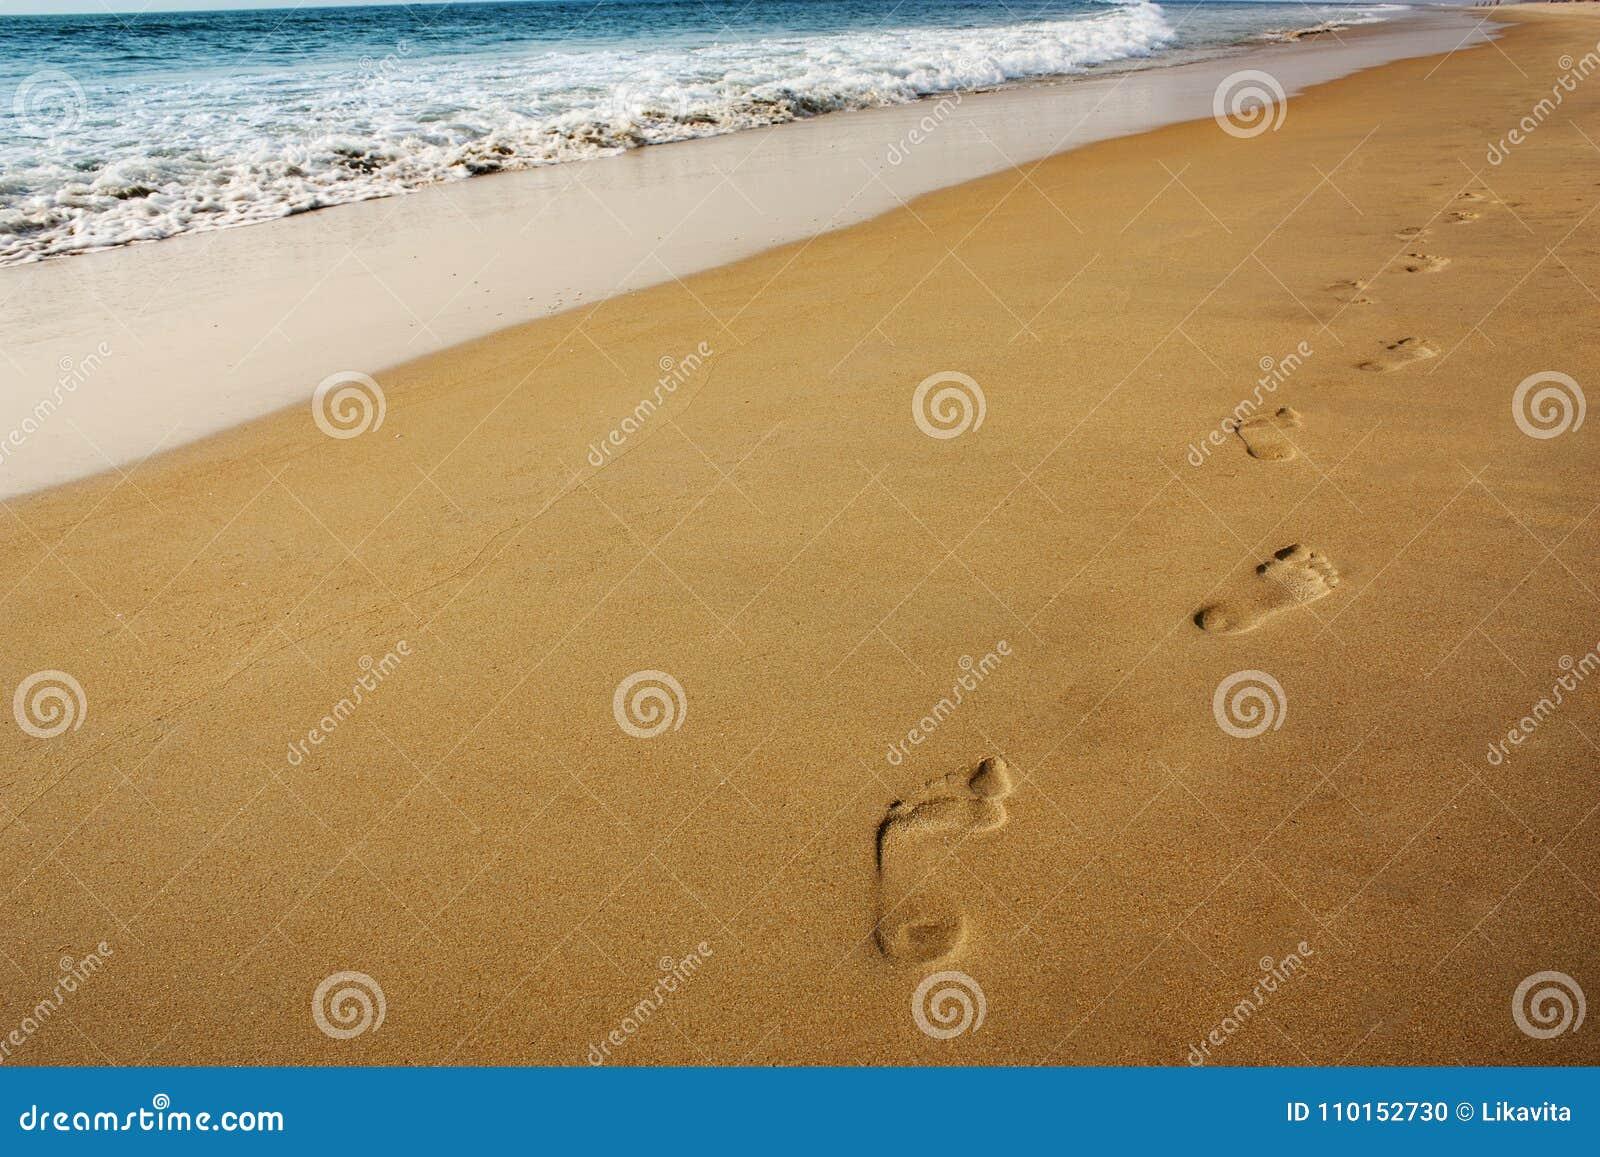 海滩美丽的作用脚印脚步起了波纹被风吹沙子含沙陈列的线索